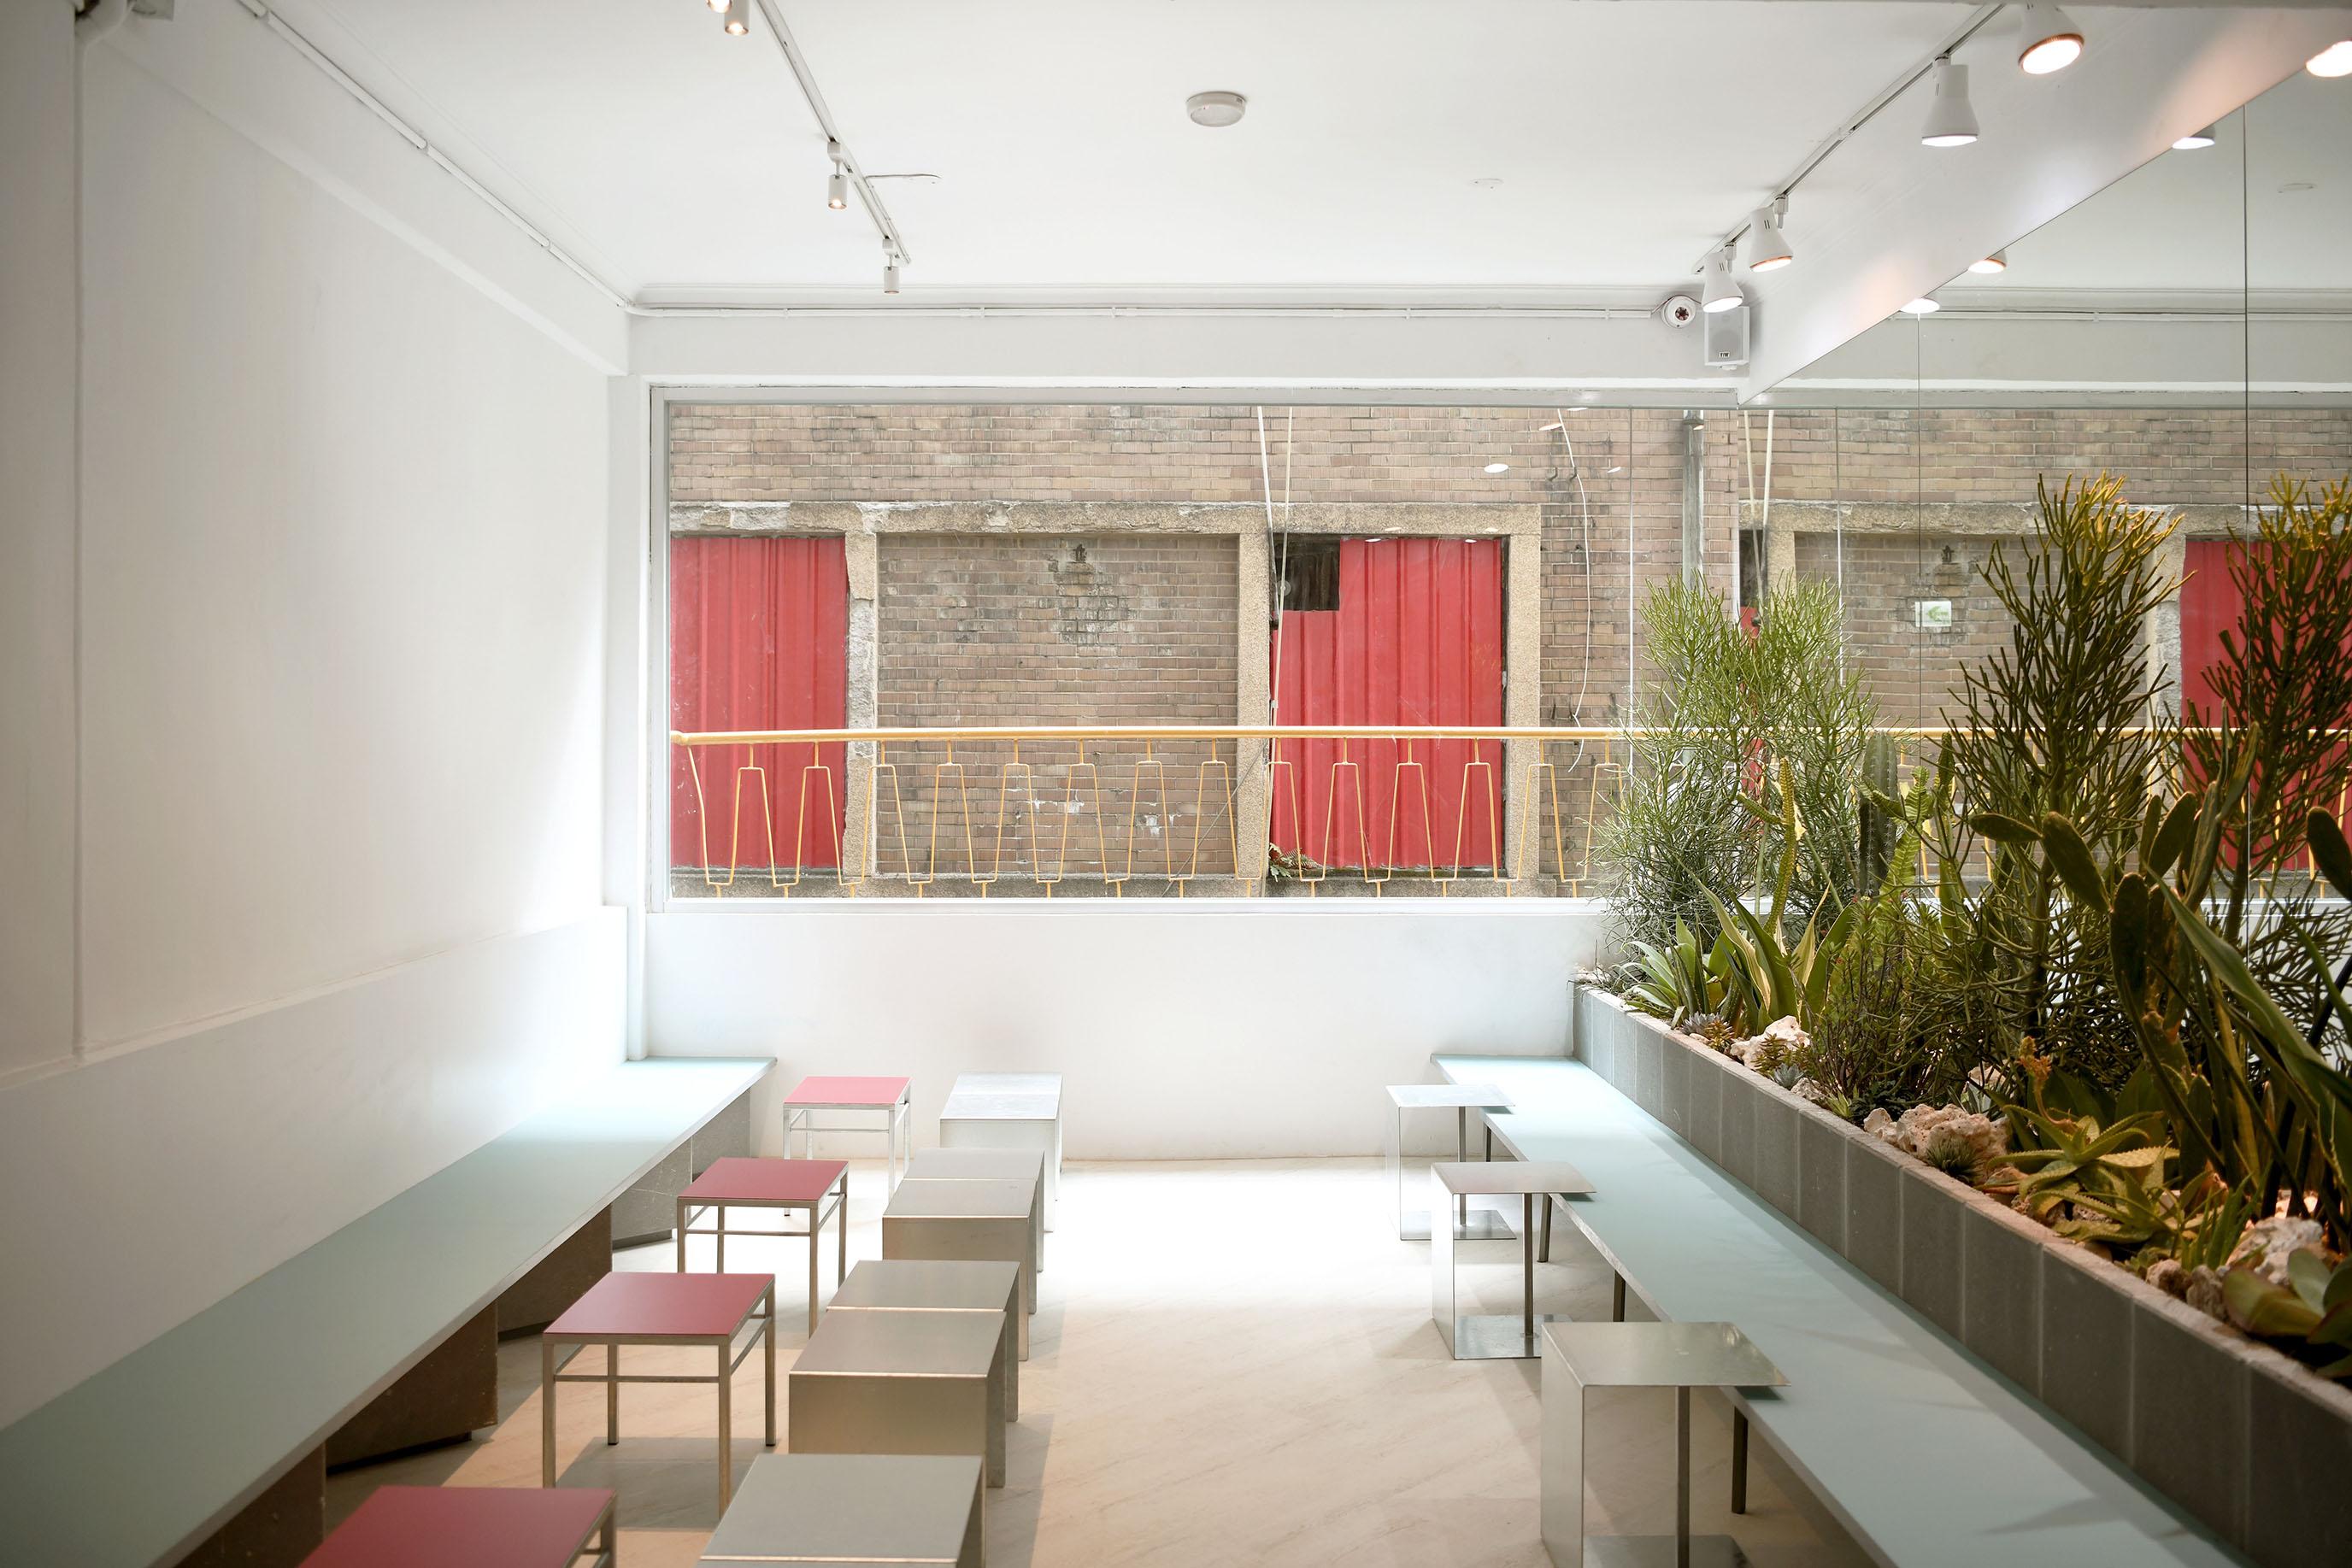 網站近期文章:在西區舊樓裡,拼湊出自在的色調|Cafe tailuu 西門町咖啡